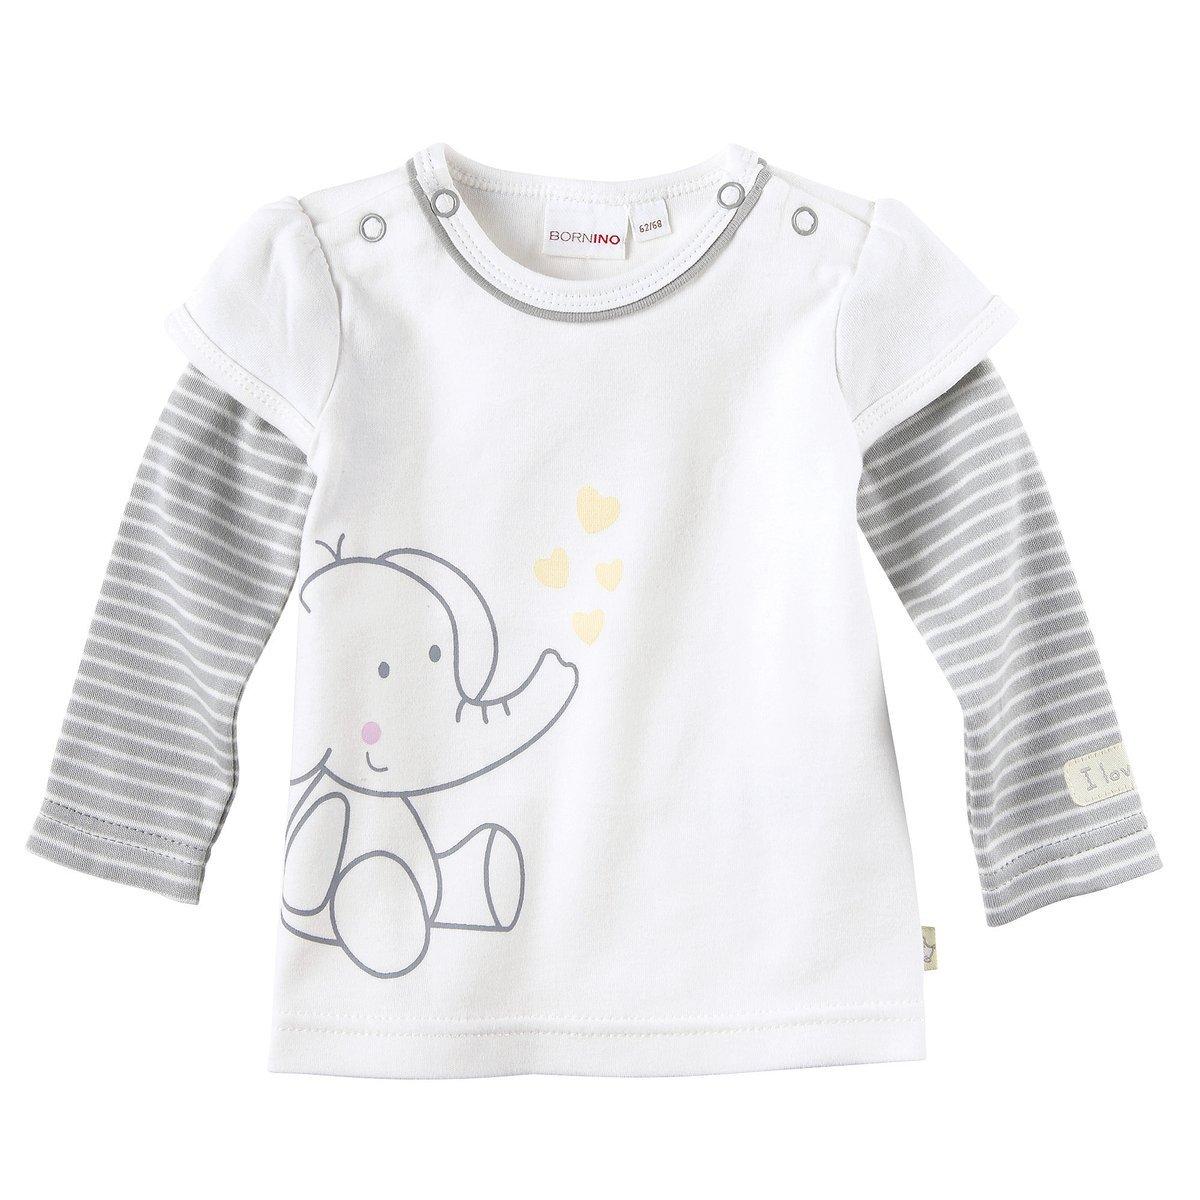 Bornino Baby Shirt 2in1 / Basics Babybekleidung/Sweatshirt mit Druckknöpfen/Größe 50 / weiß/grau